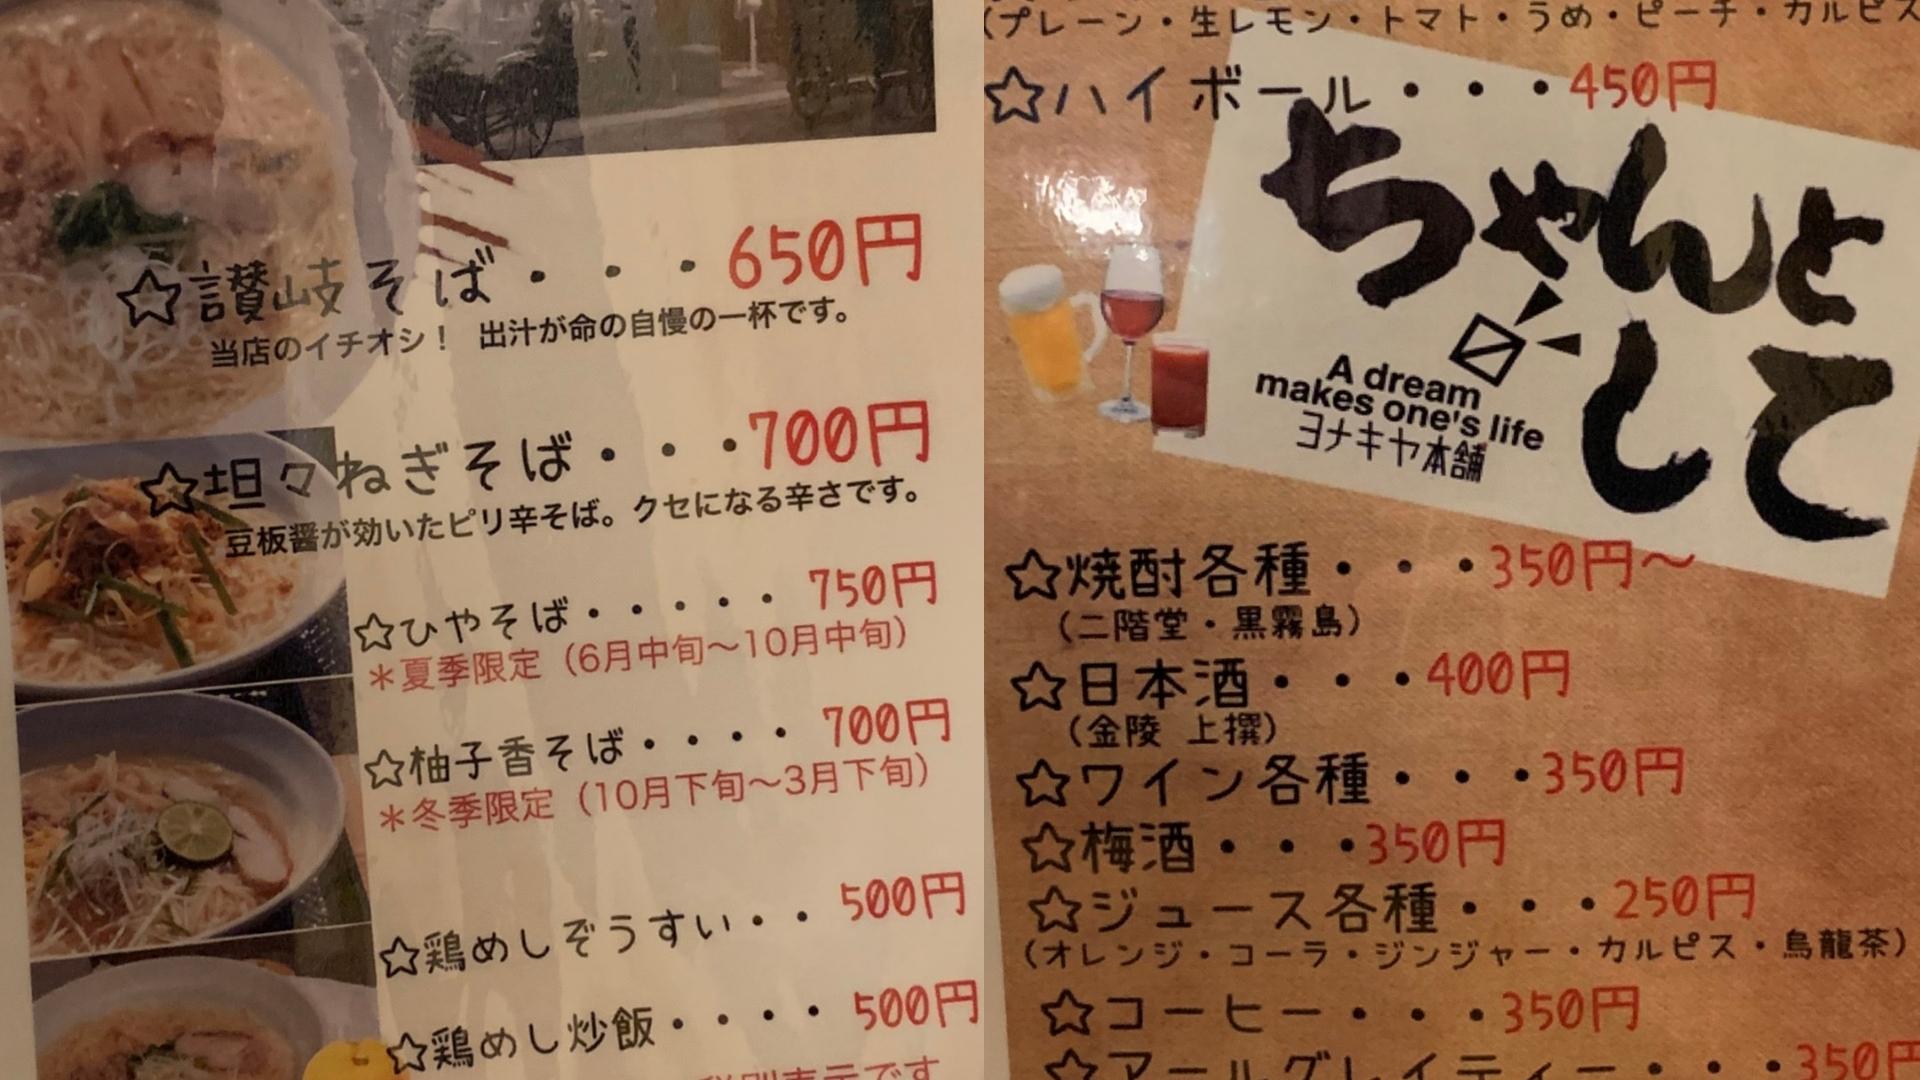 ヨナキヤ本舗メニュー